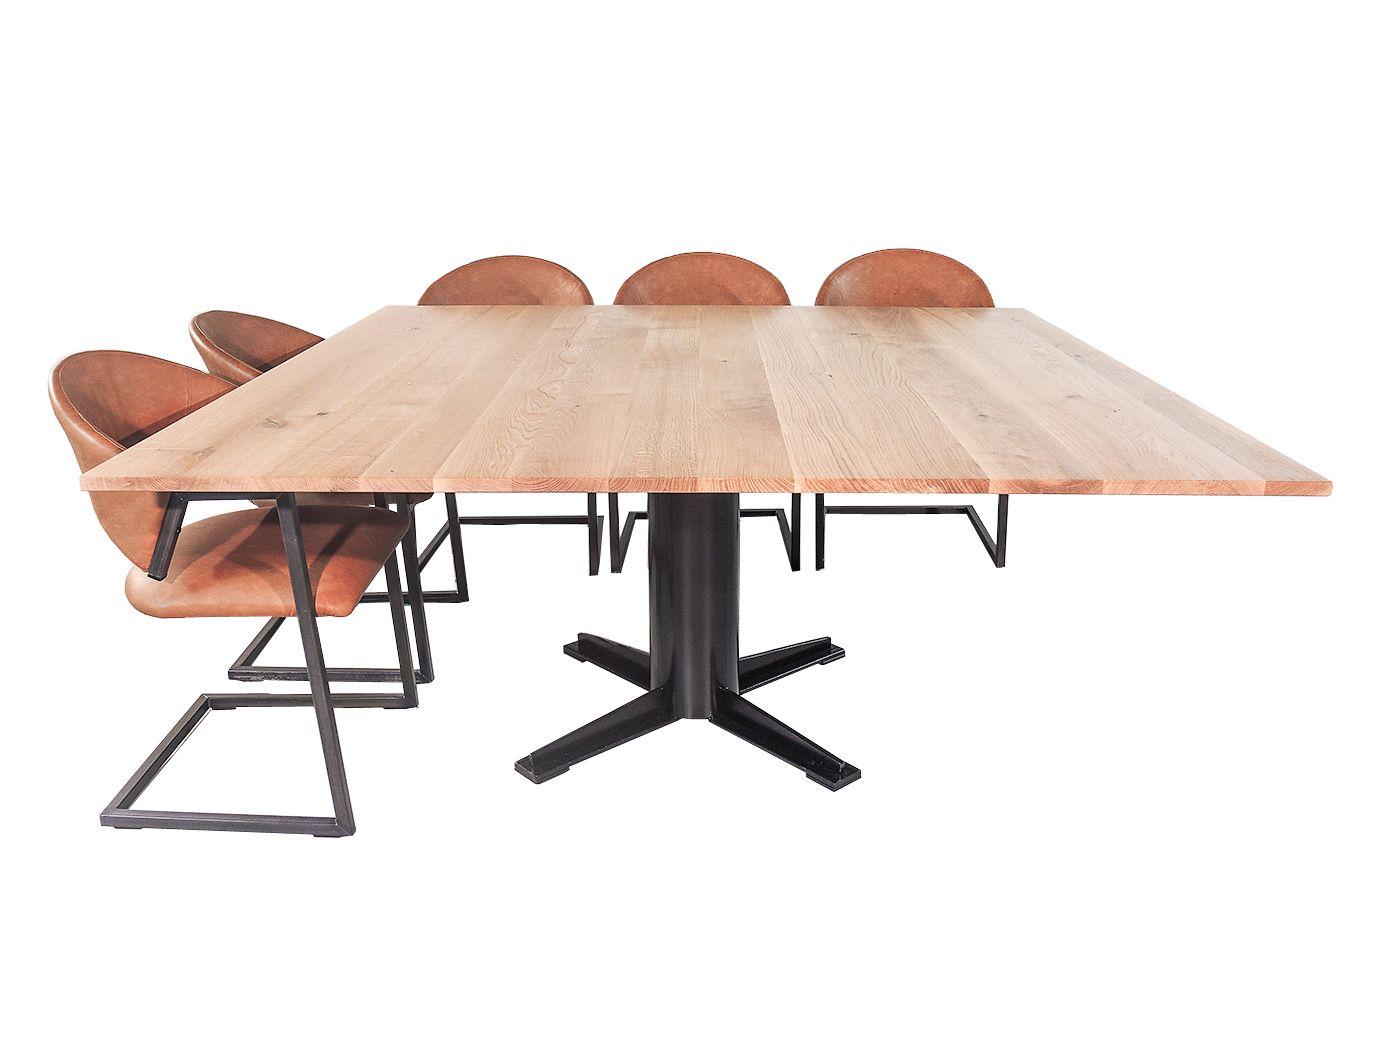 Vierkante Eettafel 12 Personen.Nevada Vierkante Eettafel Voor 8 Personen Woonkamer